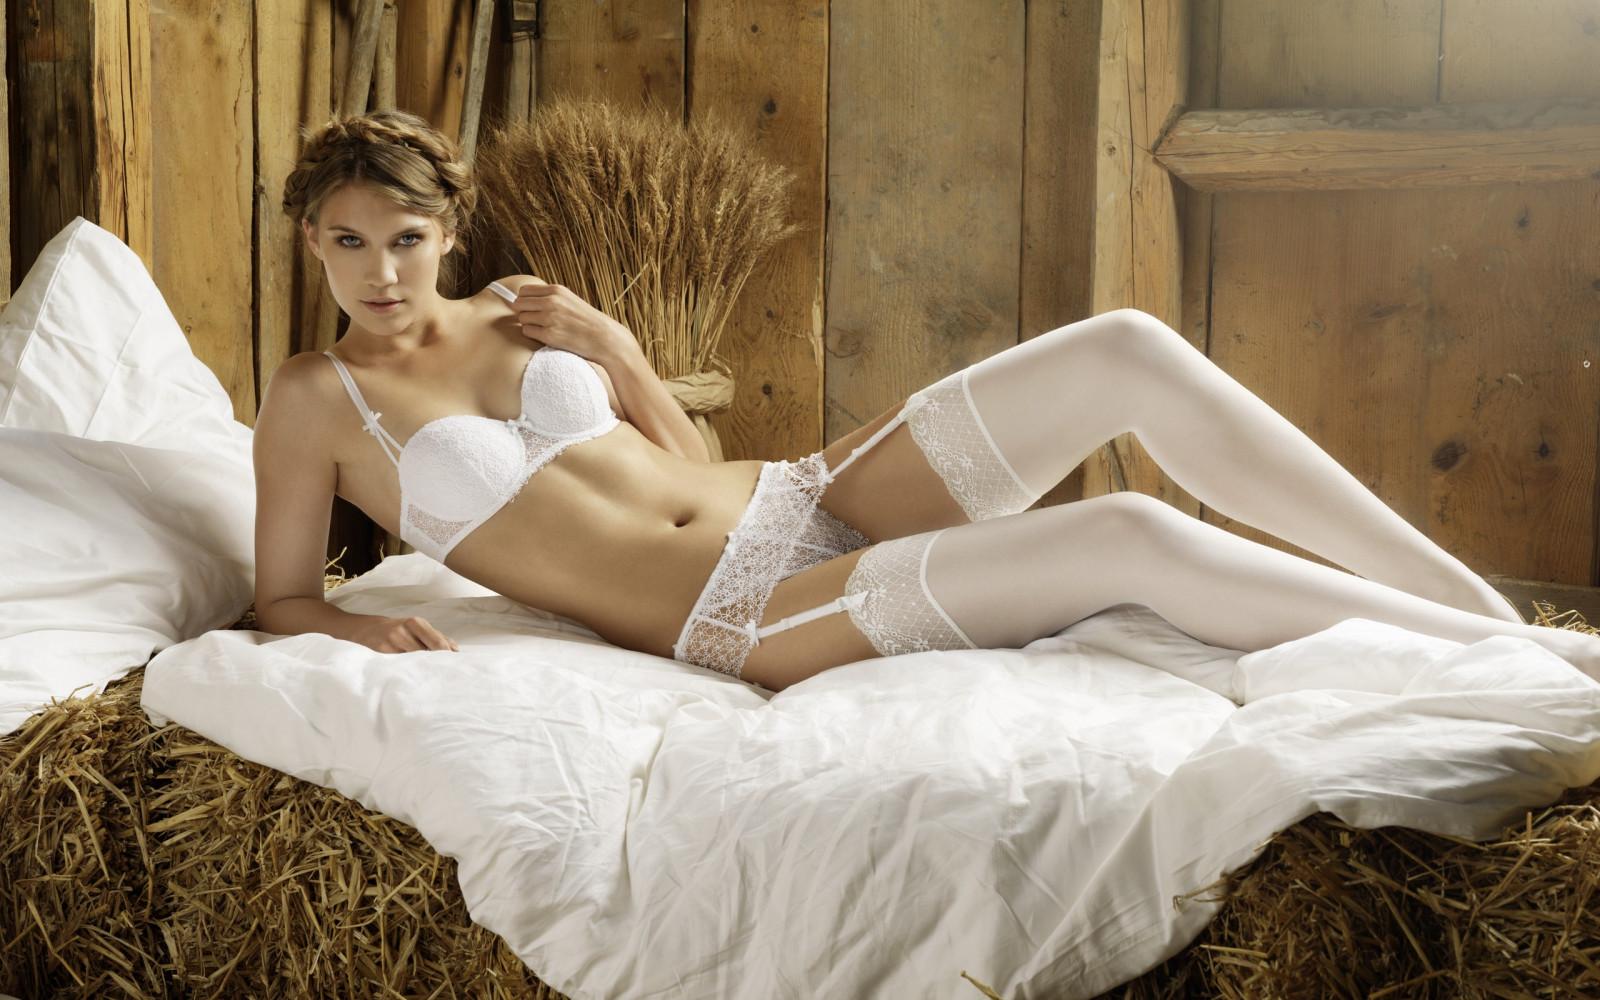 Лежащие девушки в свадебном нижнем белье — img 7